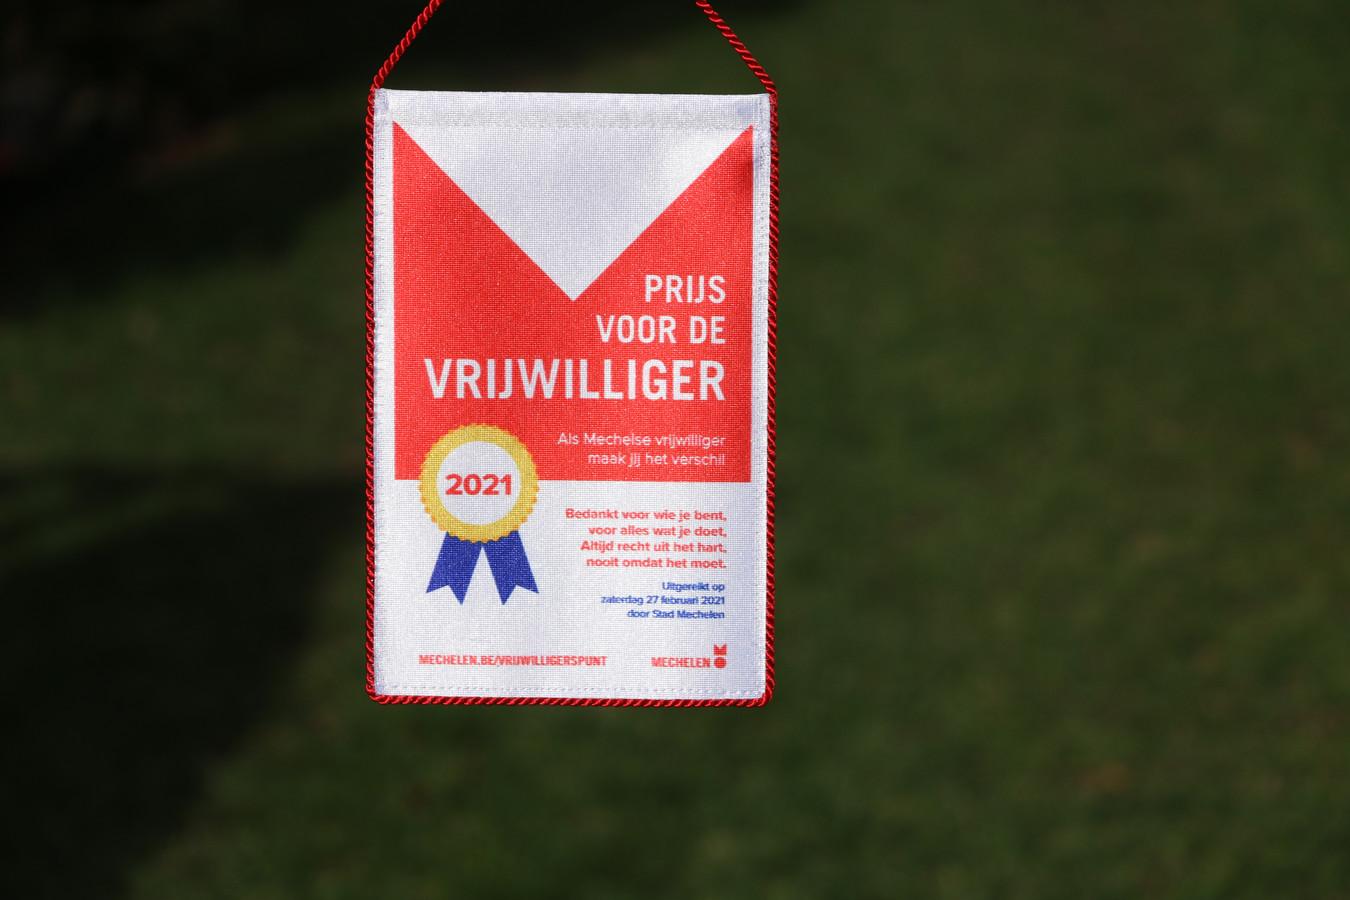 De wimpel die elke winnaar van de prijs voor de vrijwilliger ontving.